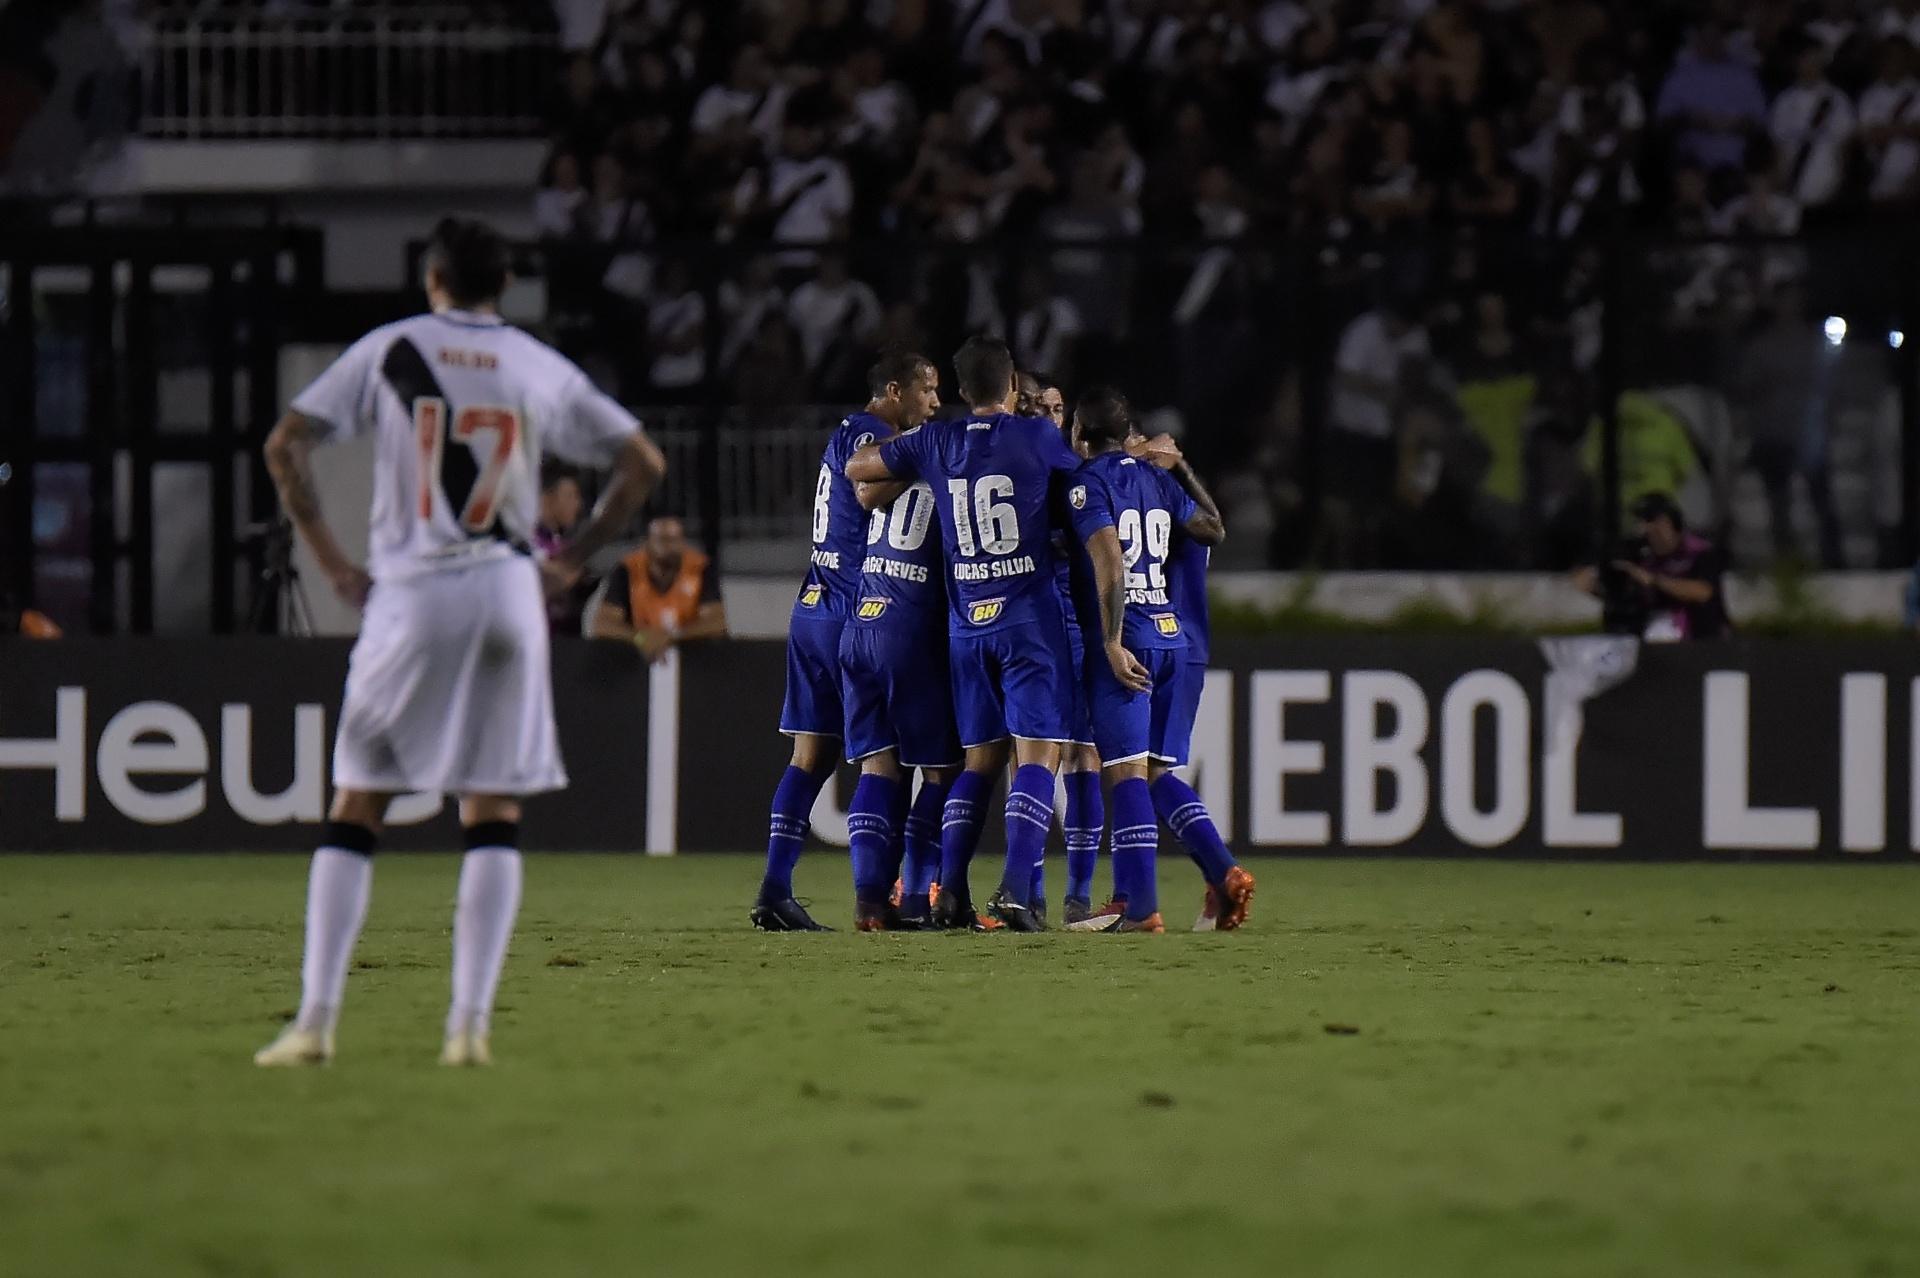 Cruzeiro goleia e elimina Vasco da Libertadores em São Januário -  02 05 2018 - UOL Esporte 54d6cc4a107ac